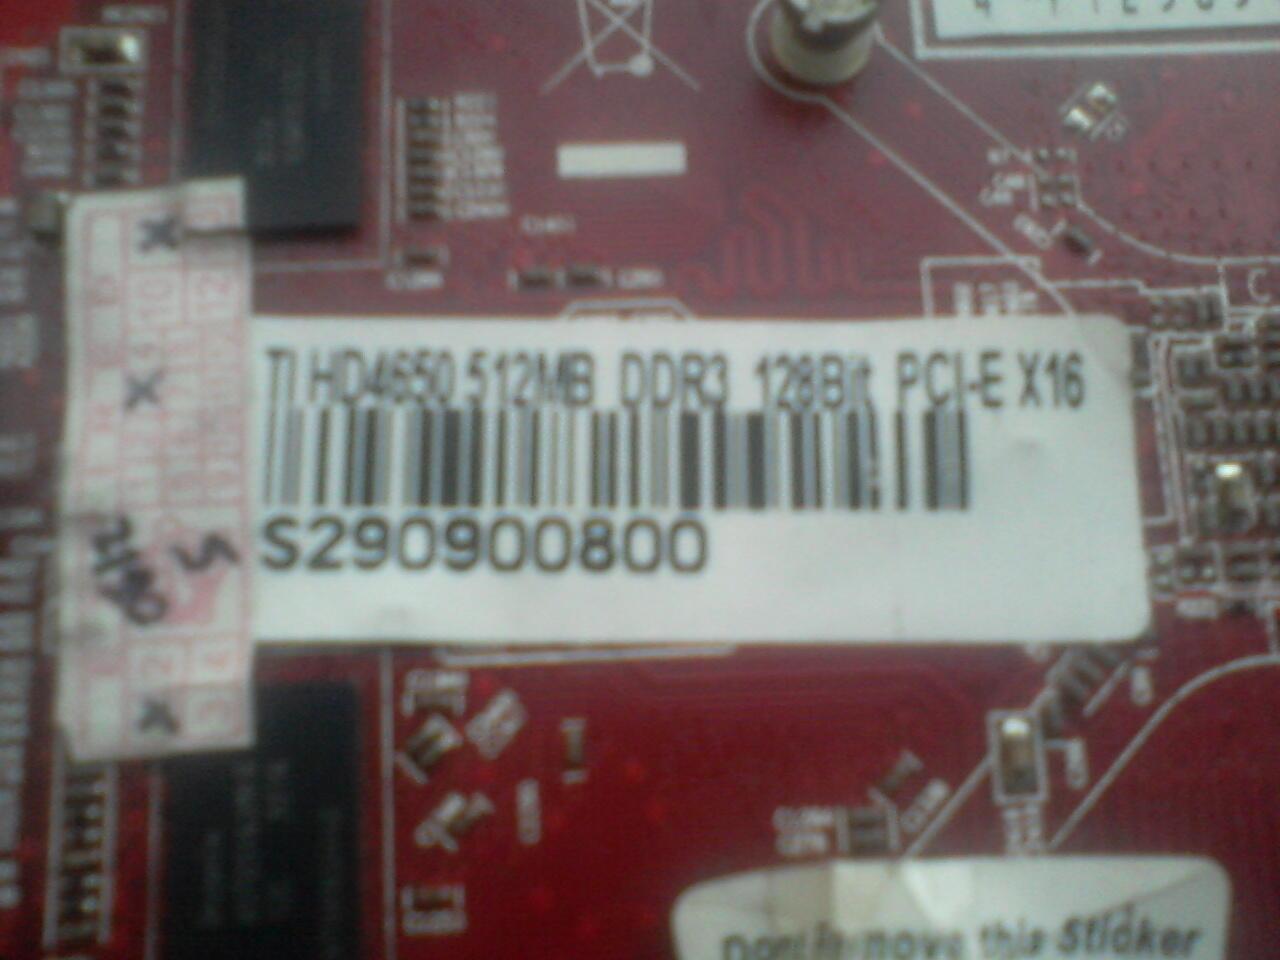 DA 4650 512MB DDR3 128bit